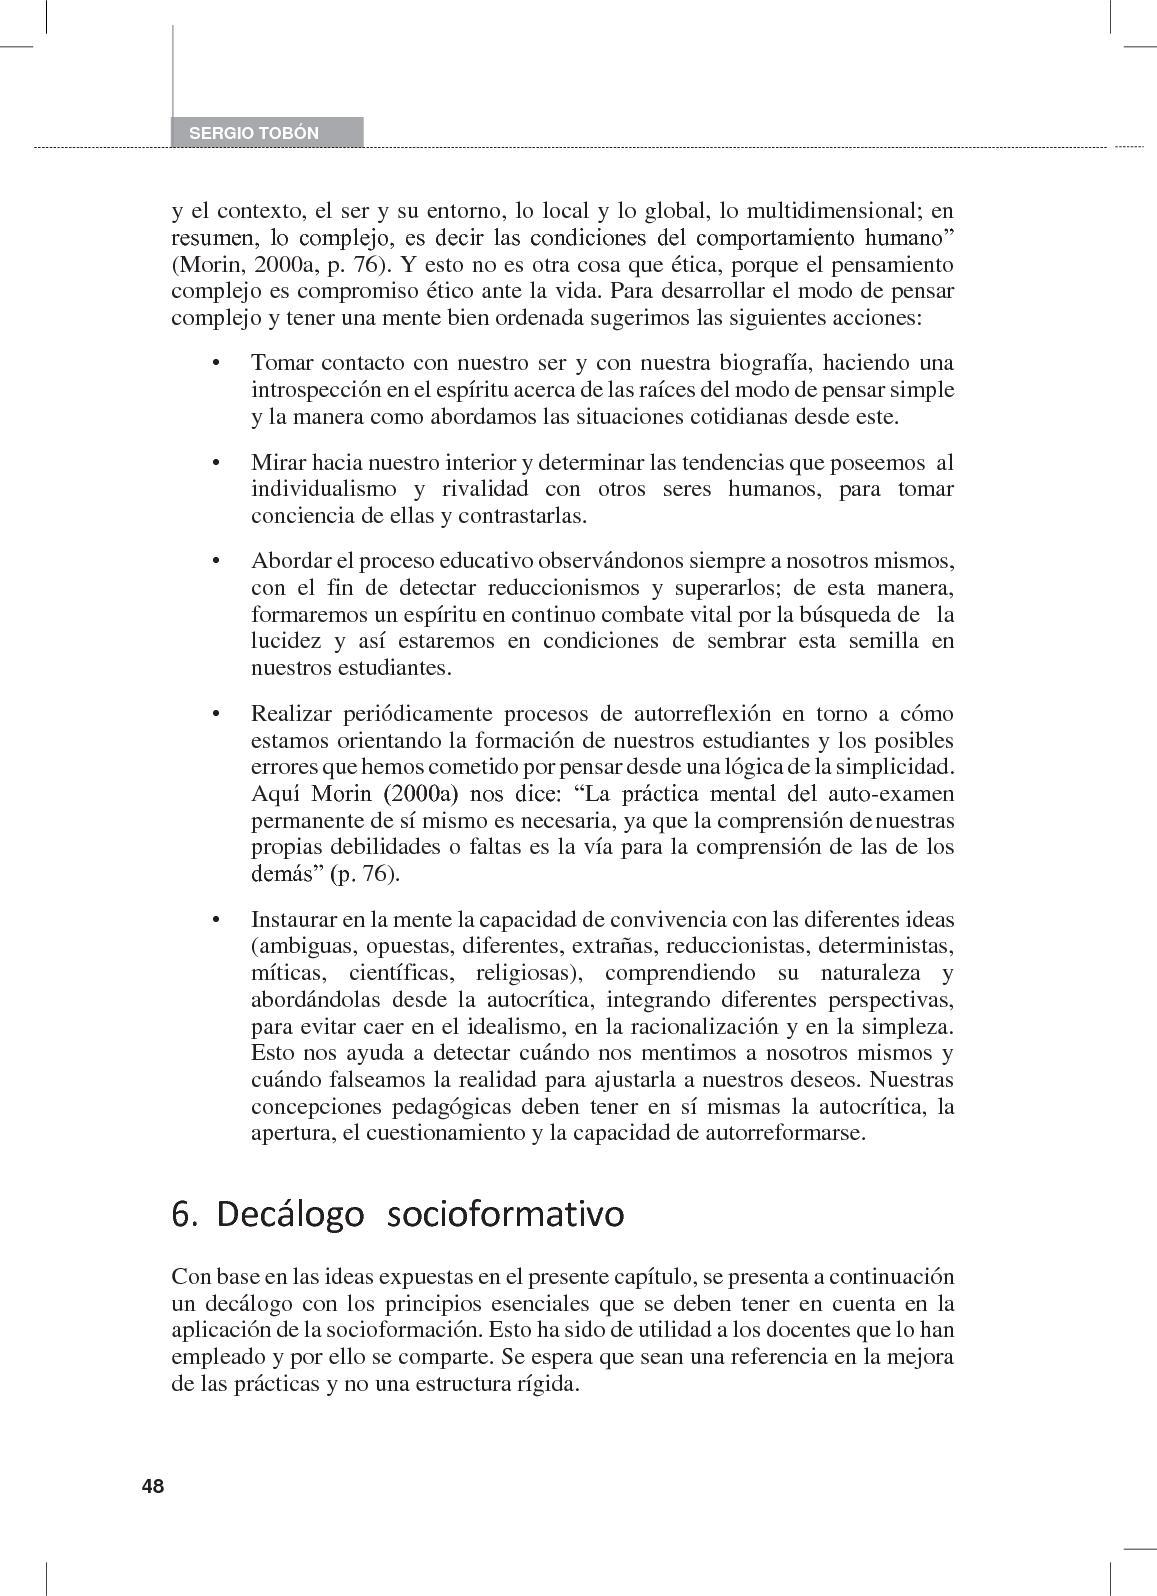 Formación Integral Y Competencias; Tobón Tobón, Sergio - CALAMEO ...